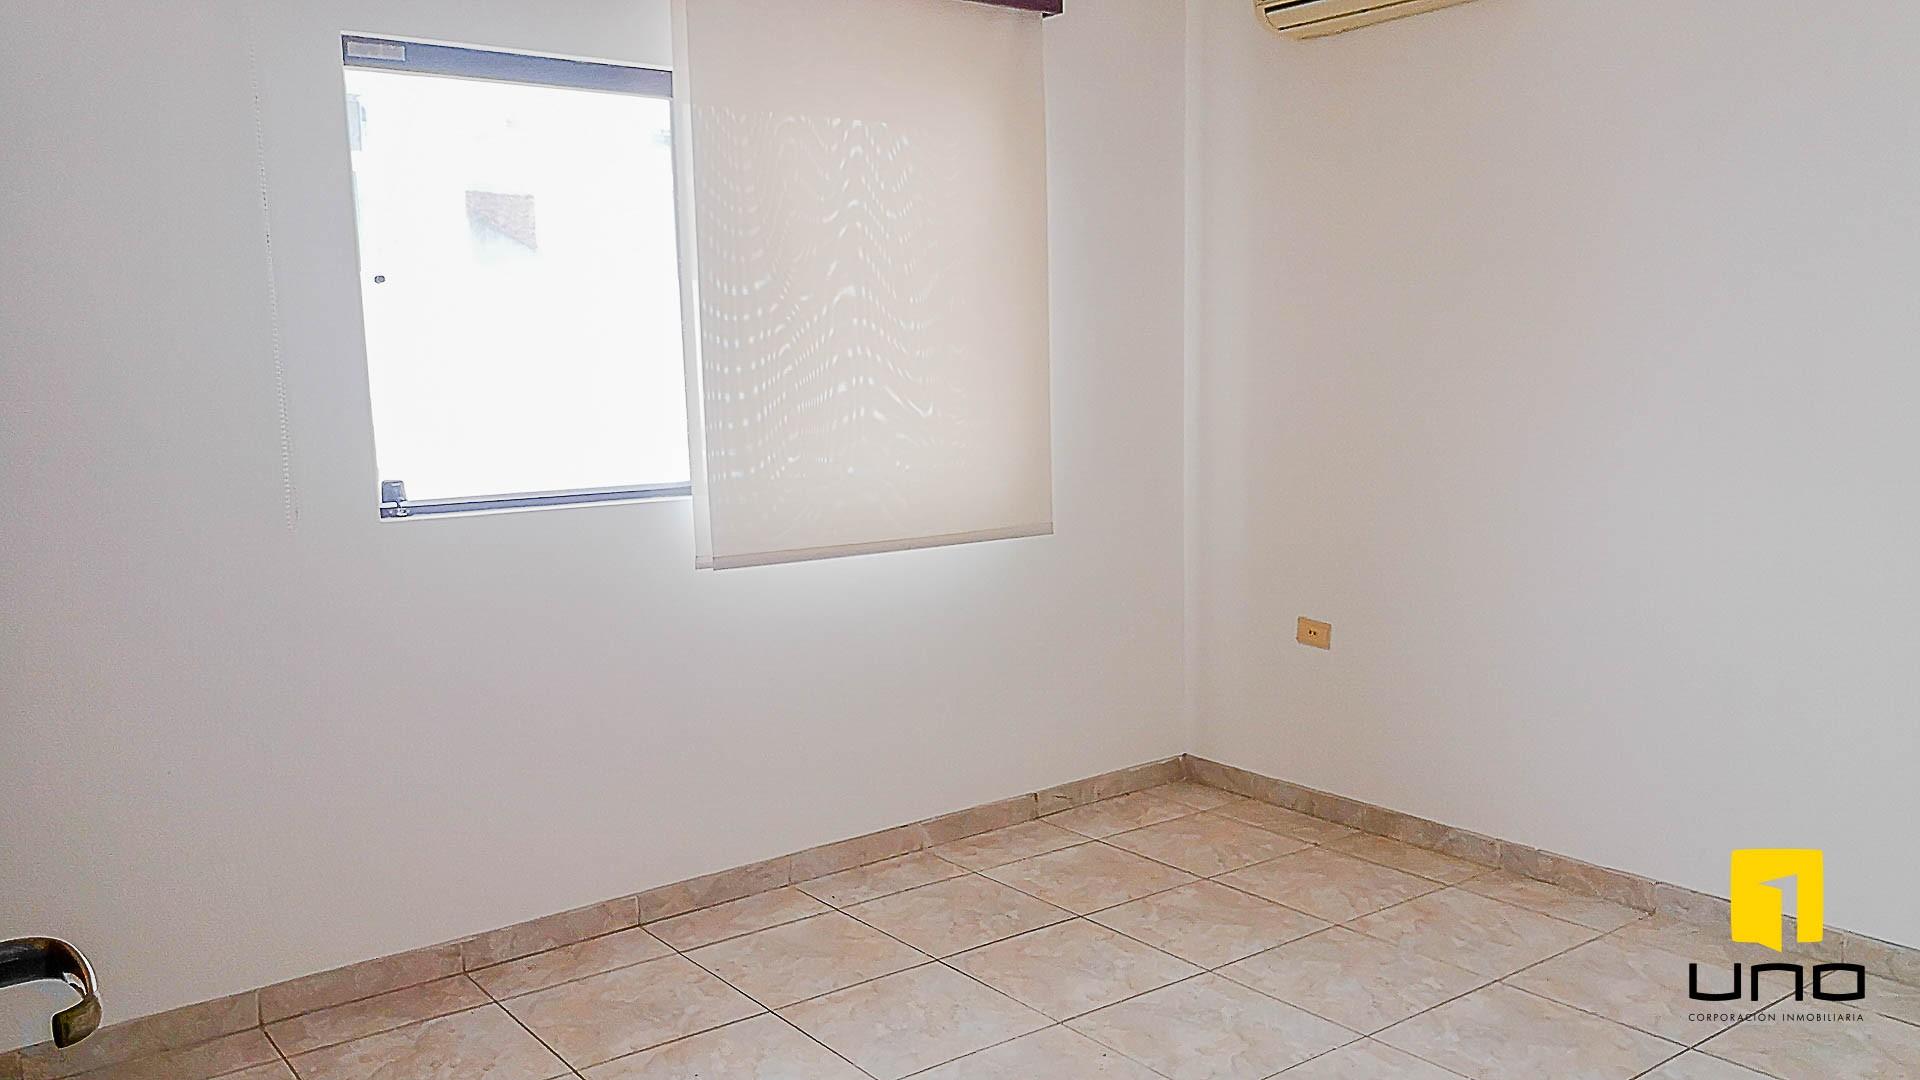 Casa en Venta $us 150.000 VENDO CASA AV ALEMANA DENTRO 3ER ANILLO TIPO DUPLEX Foto 5